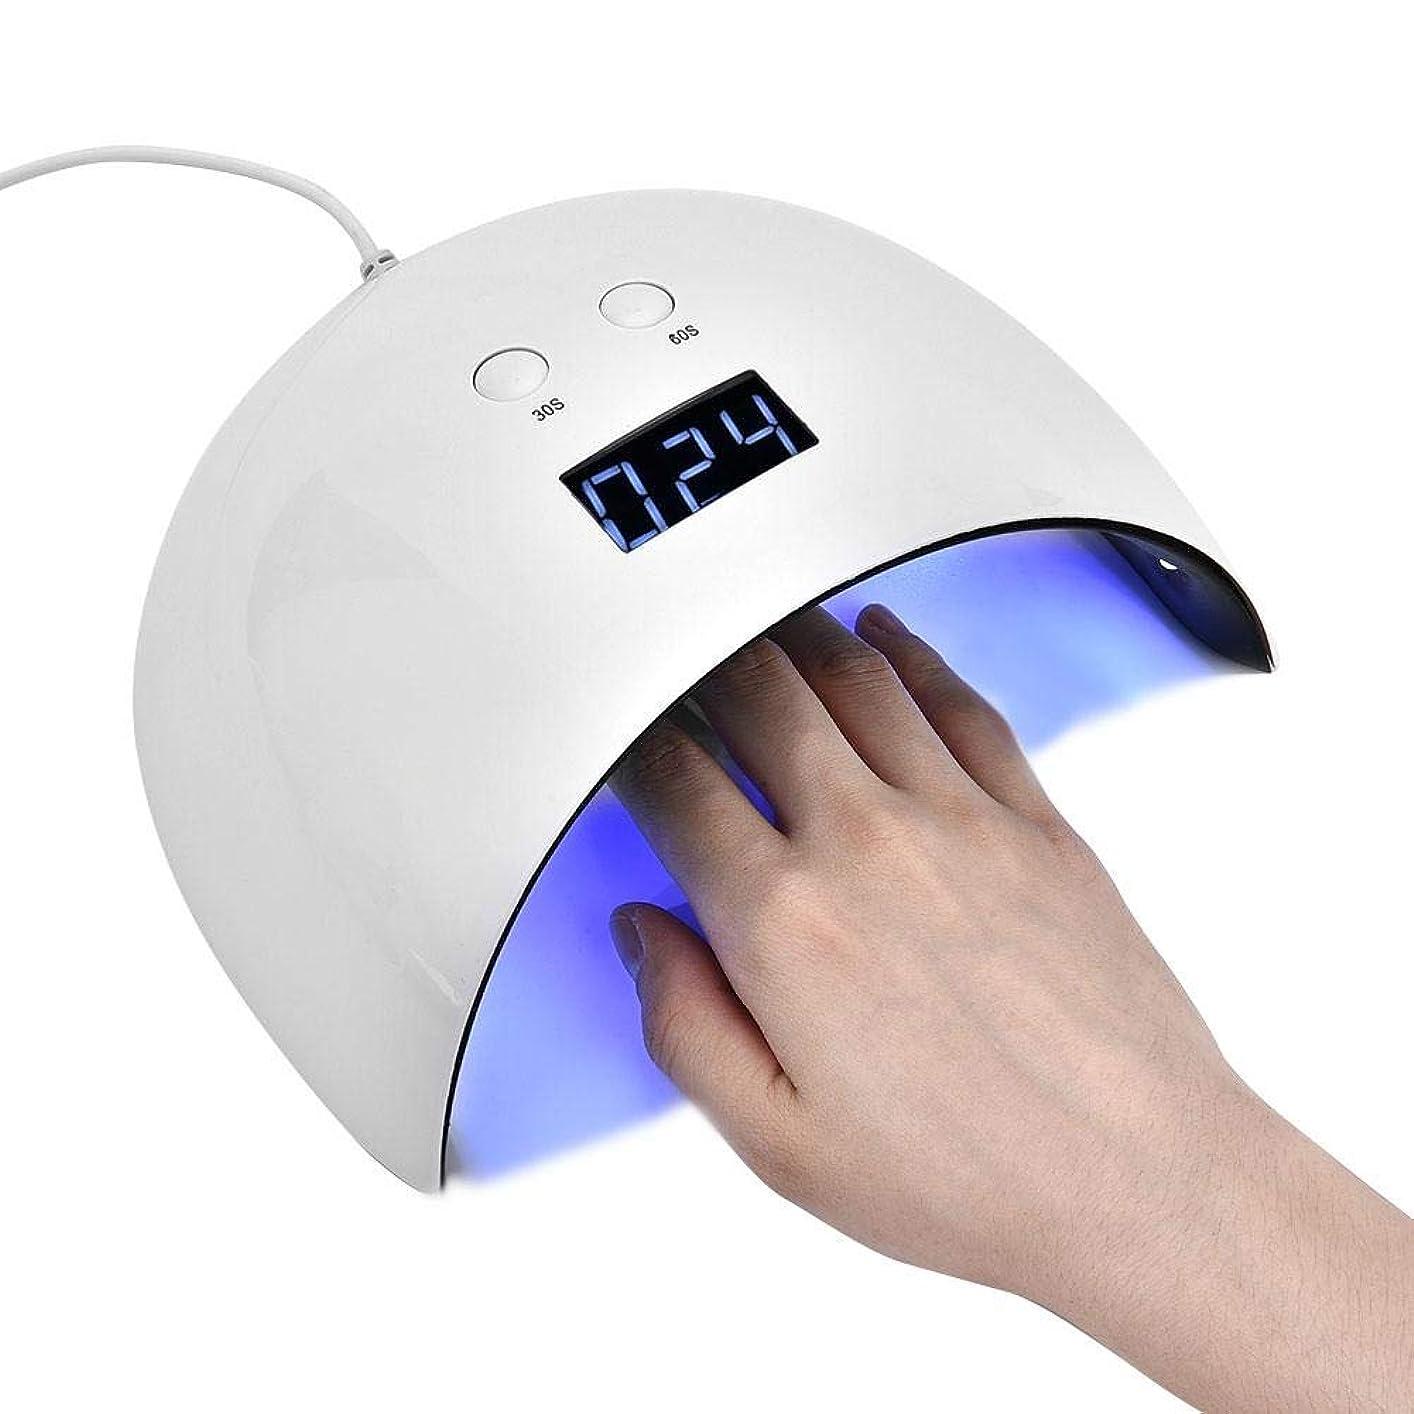 遺伝子学部上院24W ネイルドライヤー 36個 LEDライト プロ ネイルアートランプ ネイルジェル ポリッシュ ドライヤー LEDライト